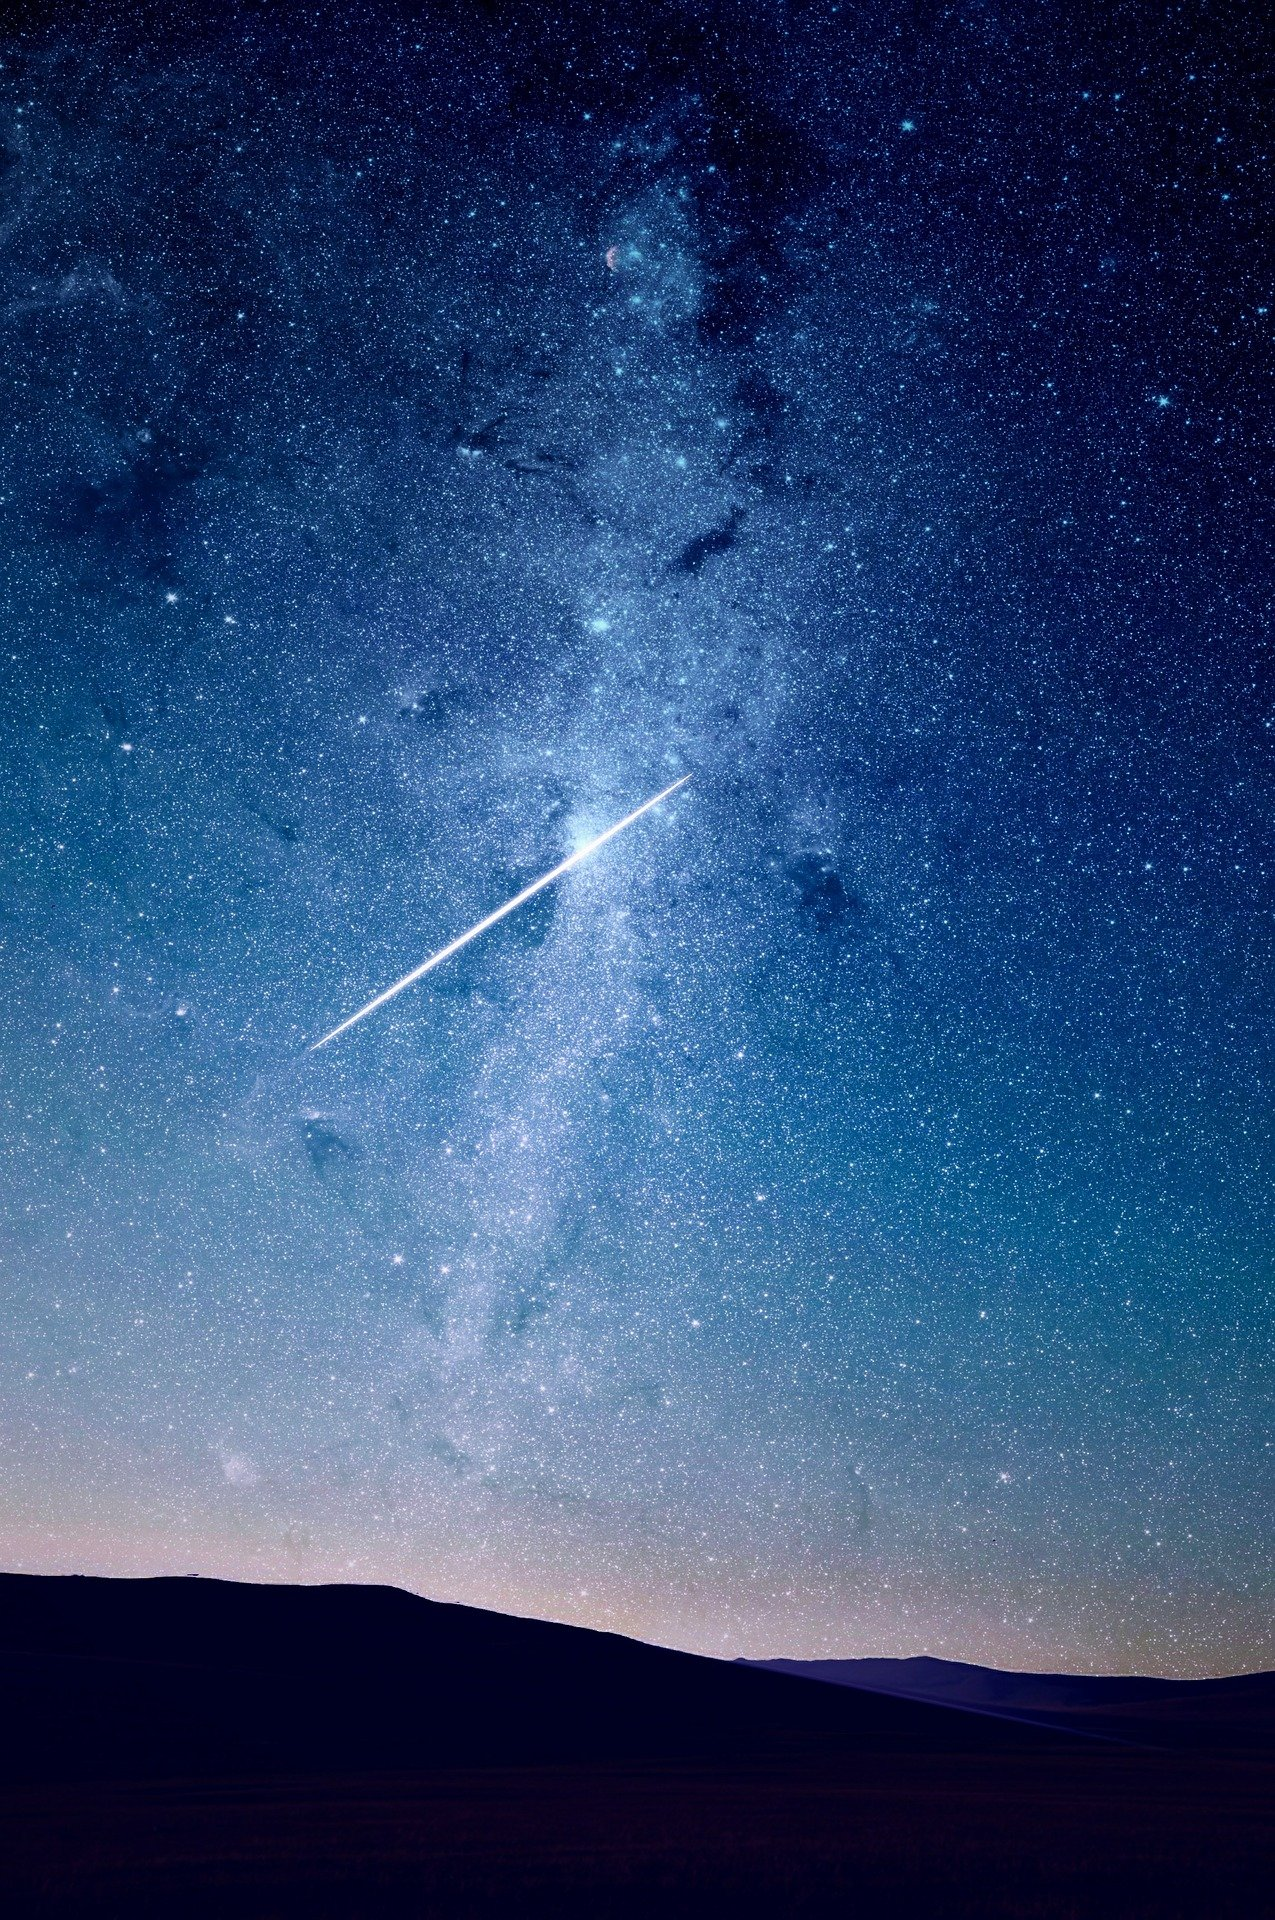 night-sky-569319_1920.jpg